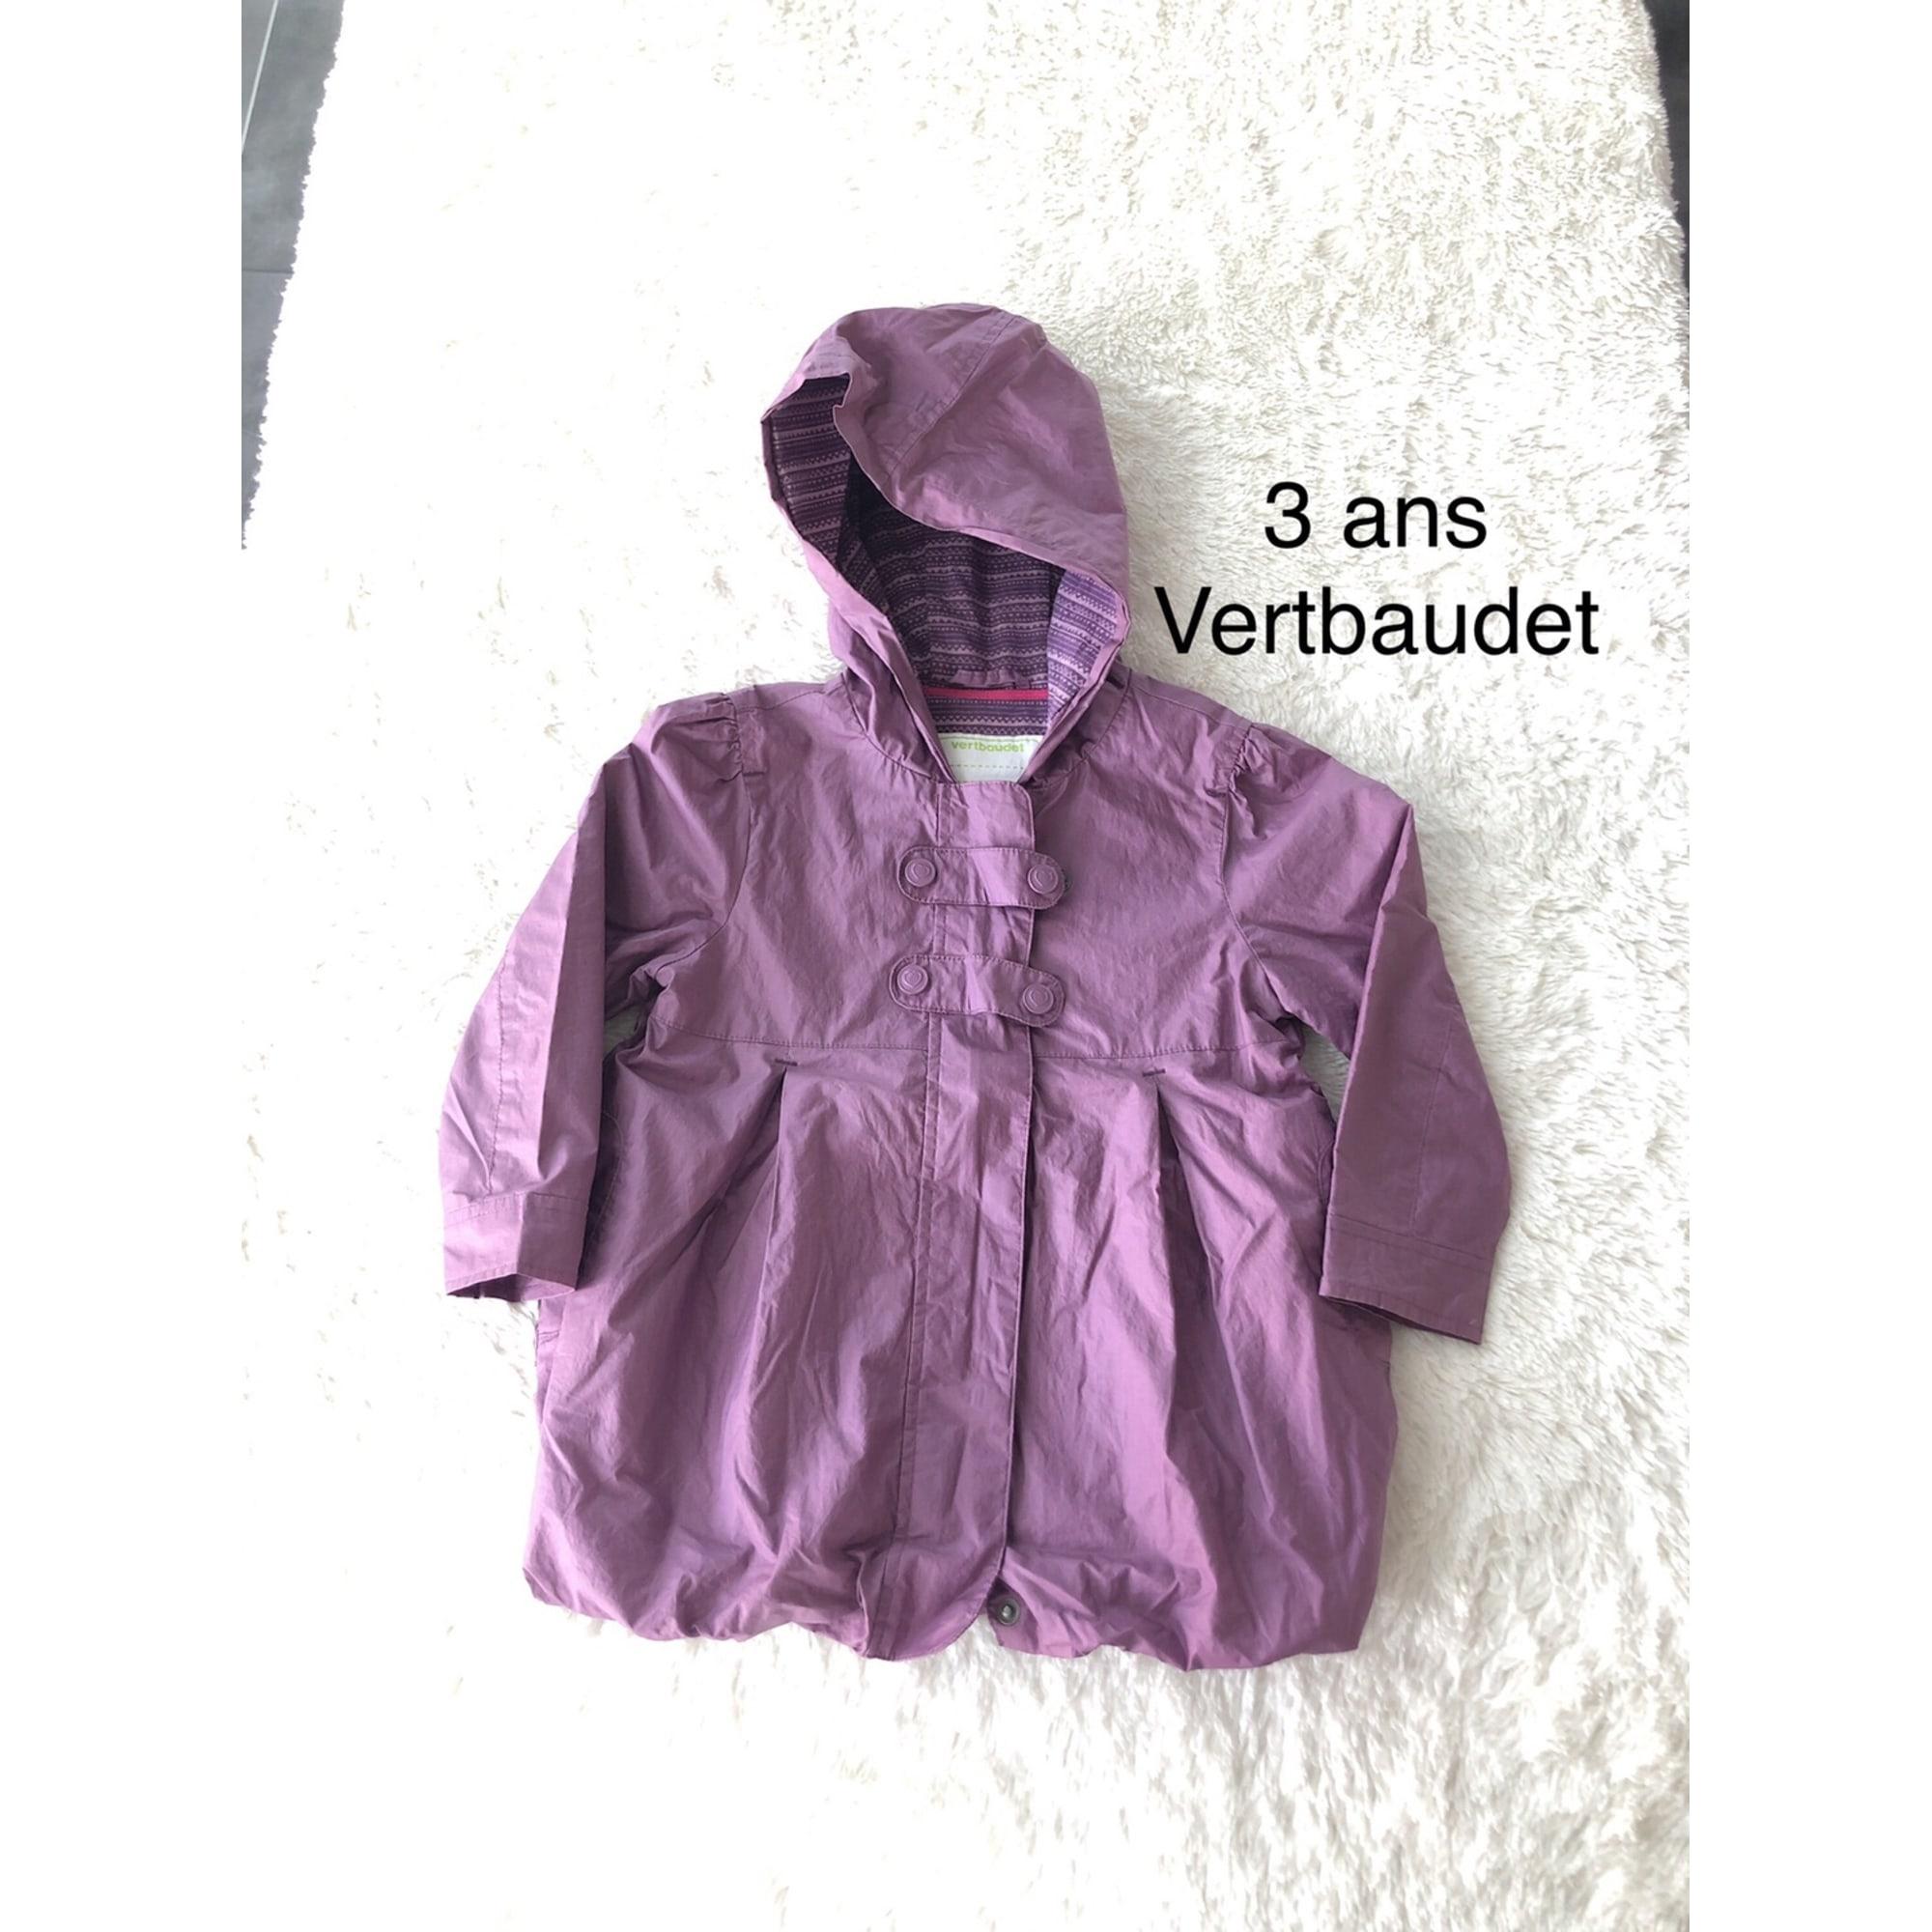 Imperméable VERTBAUDET Violet, mauve, lavande